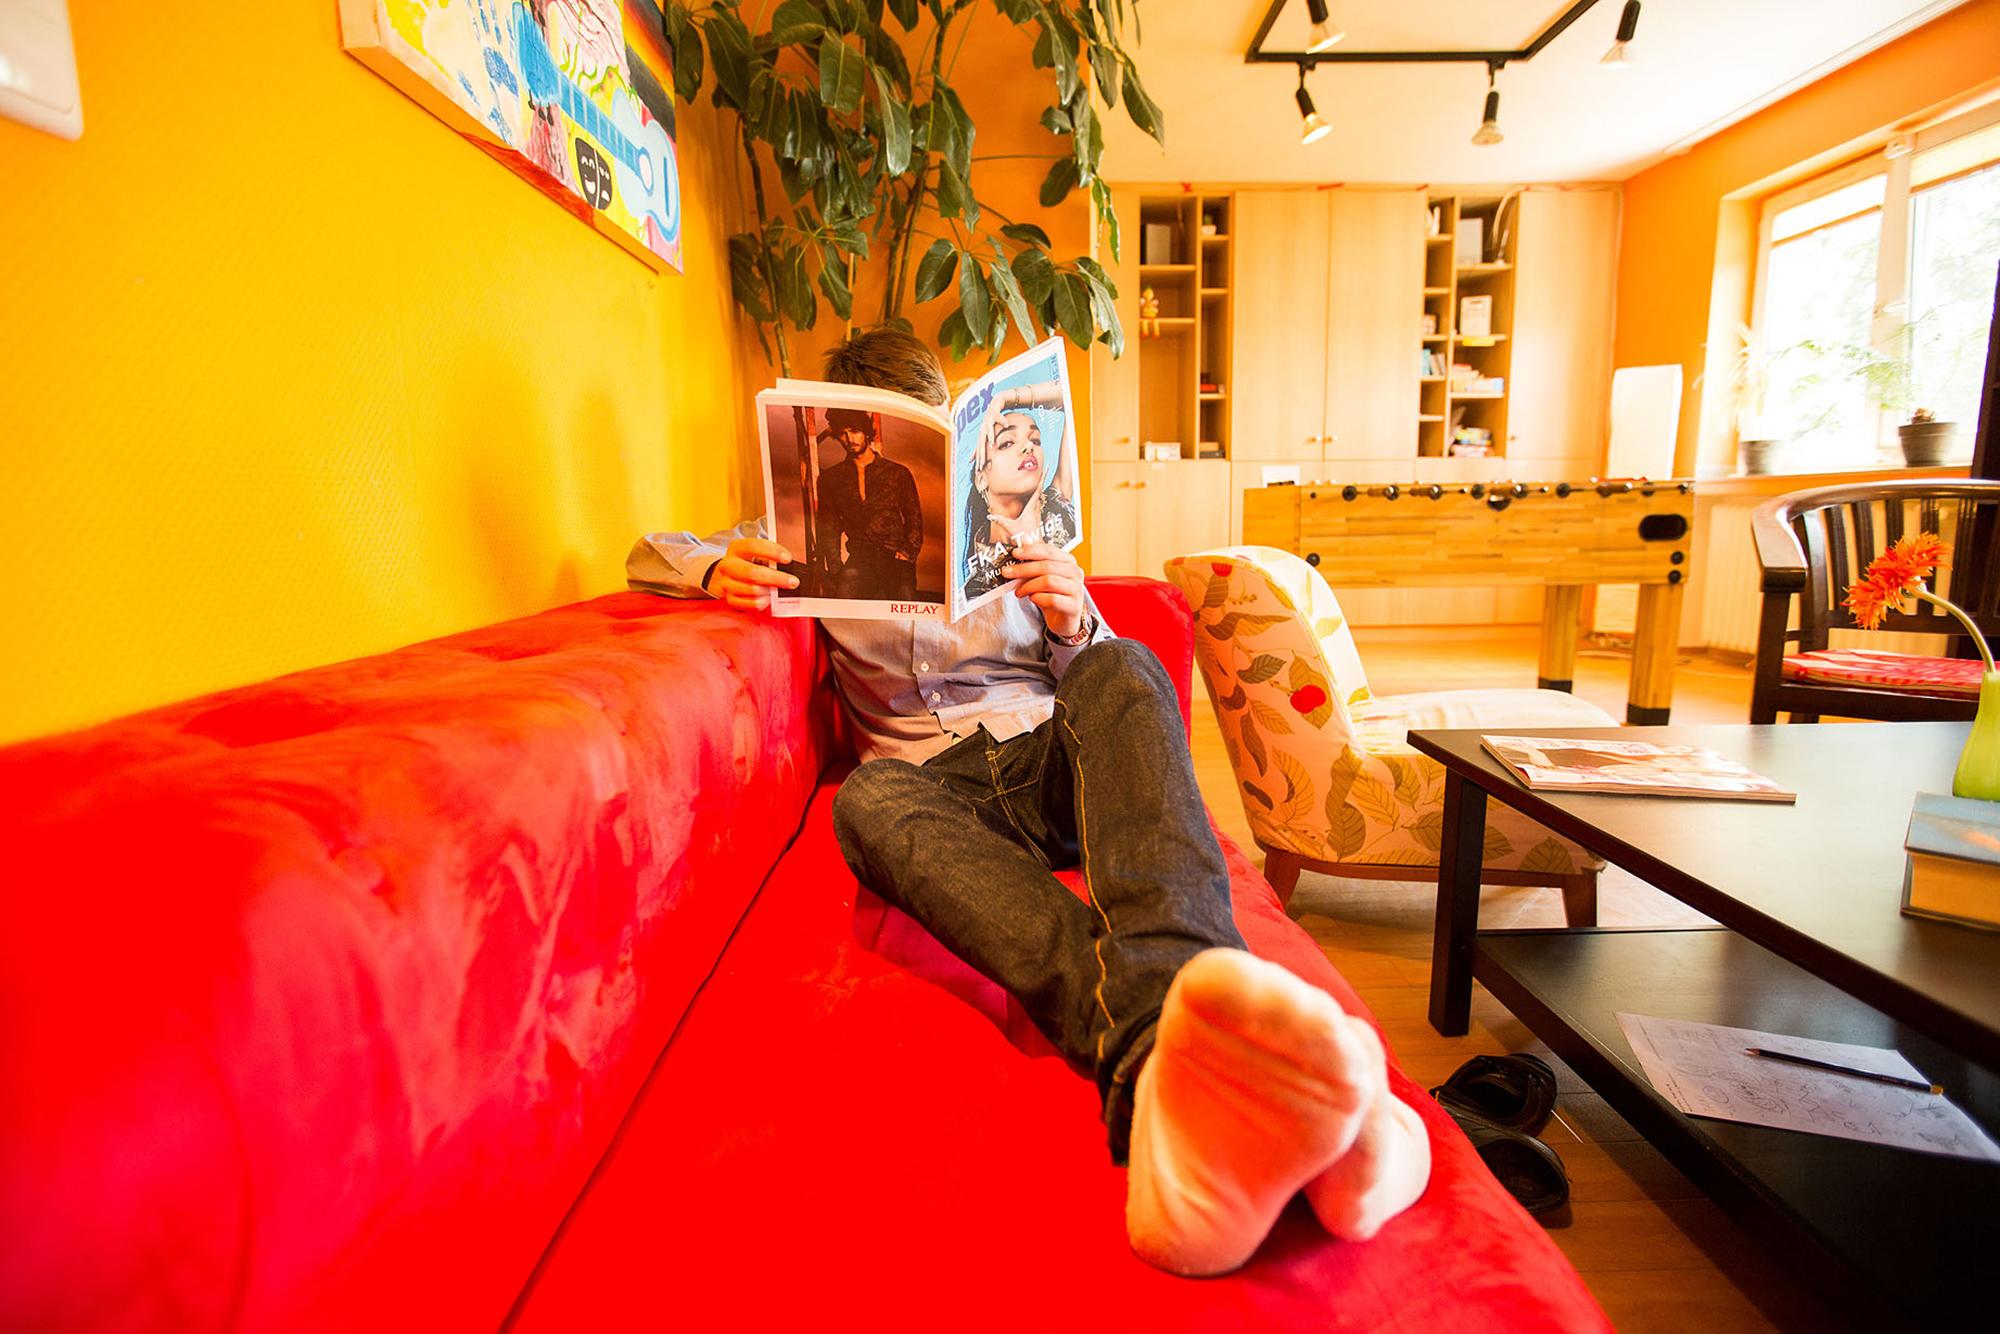 Ein Junge liegt auf einer Couch und liest ein Magazin